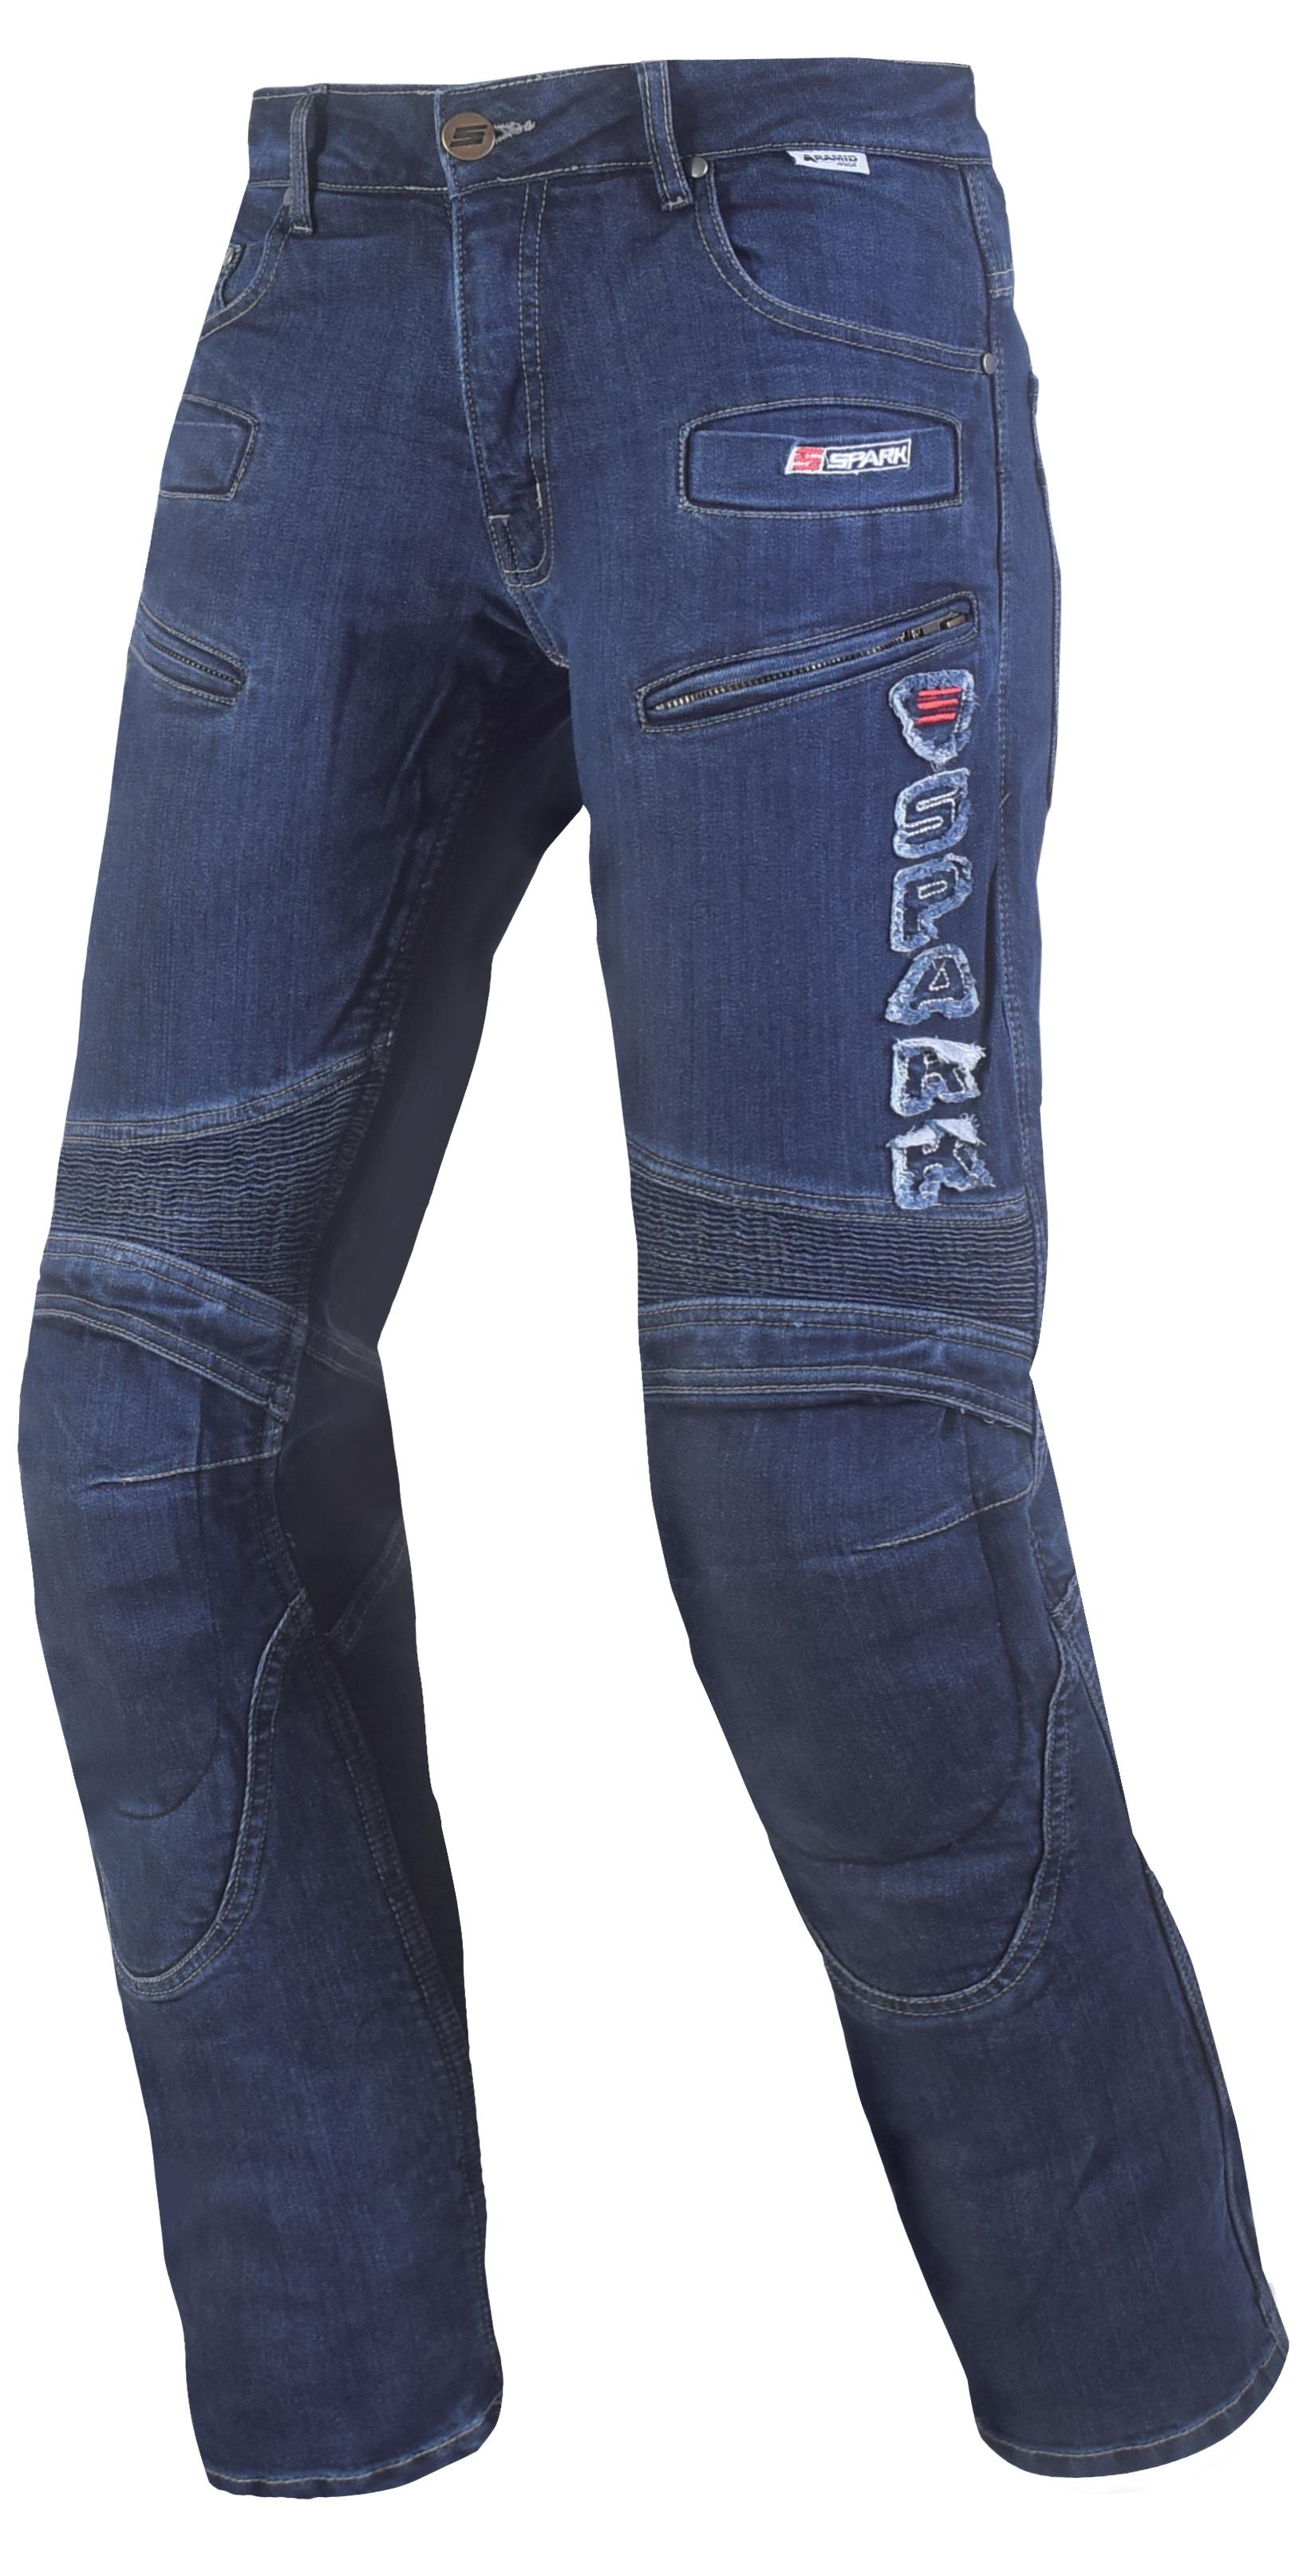 Pánské džínové moto kalhoty SPARK HAWK, modré